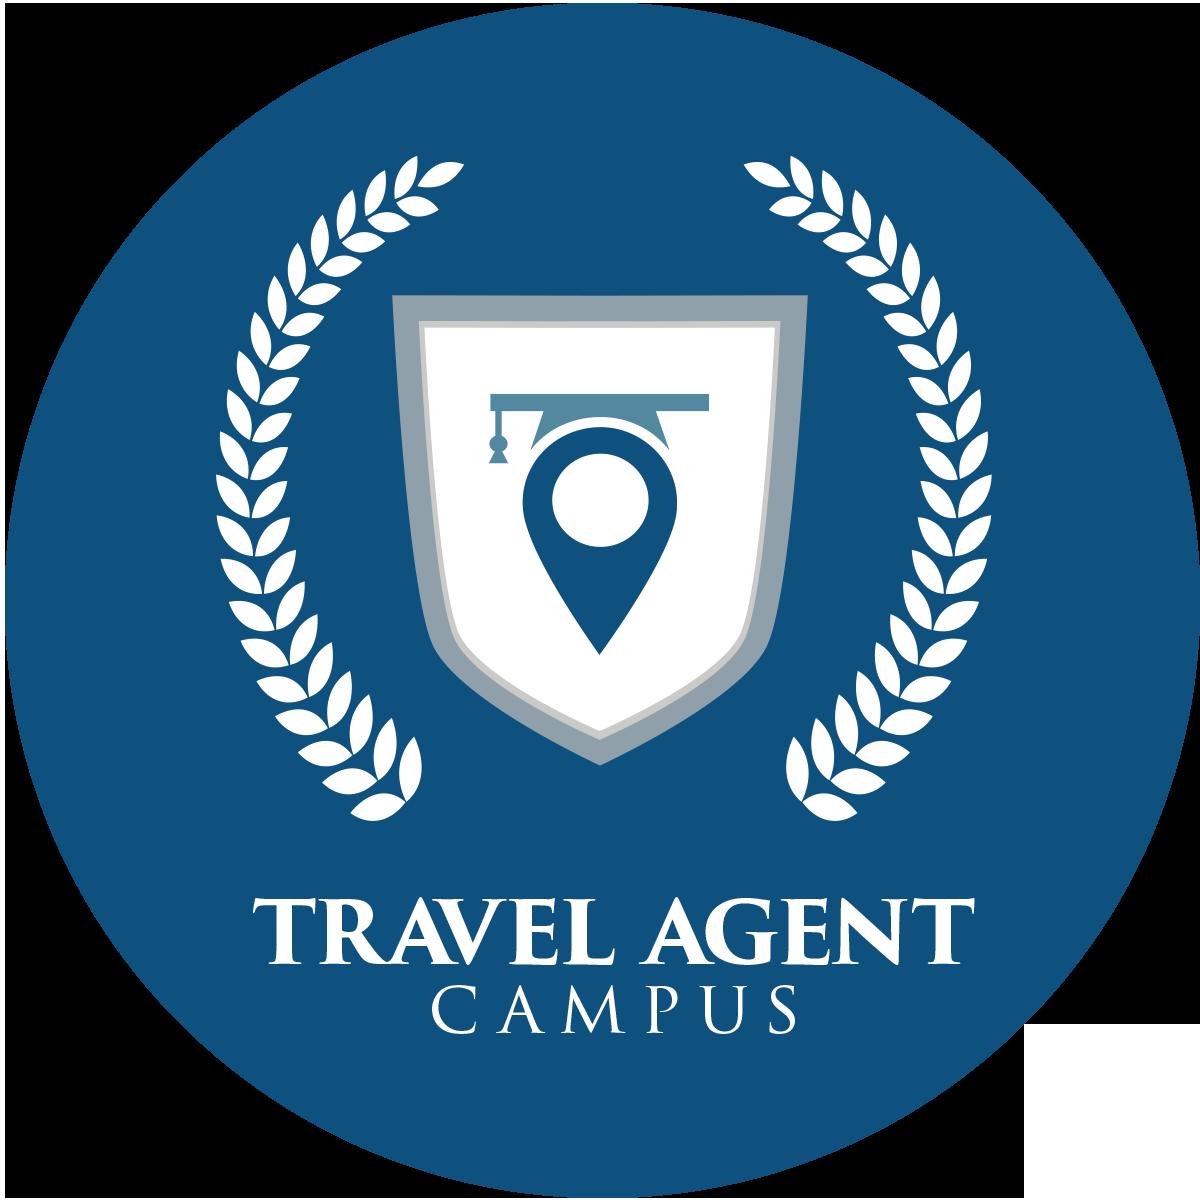 Travel Agent Campus logo